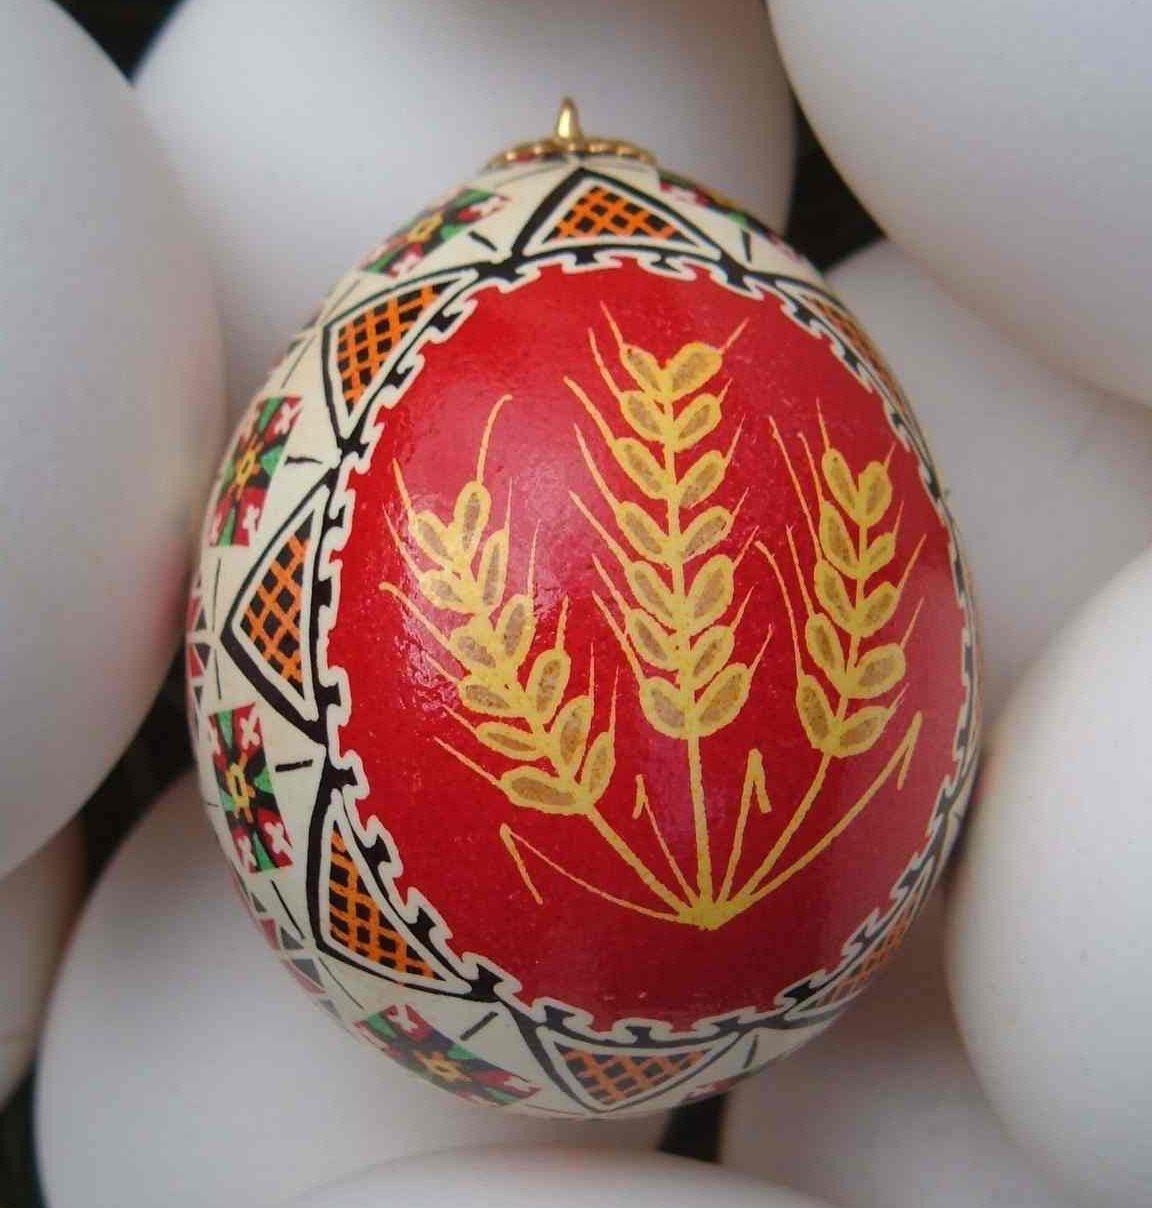 Vermont Food And Garden: Ukrainian Easter Eggs